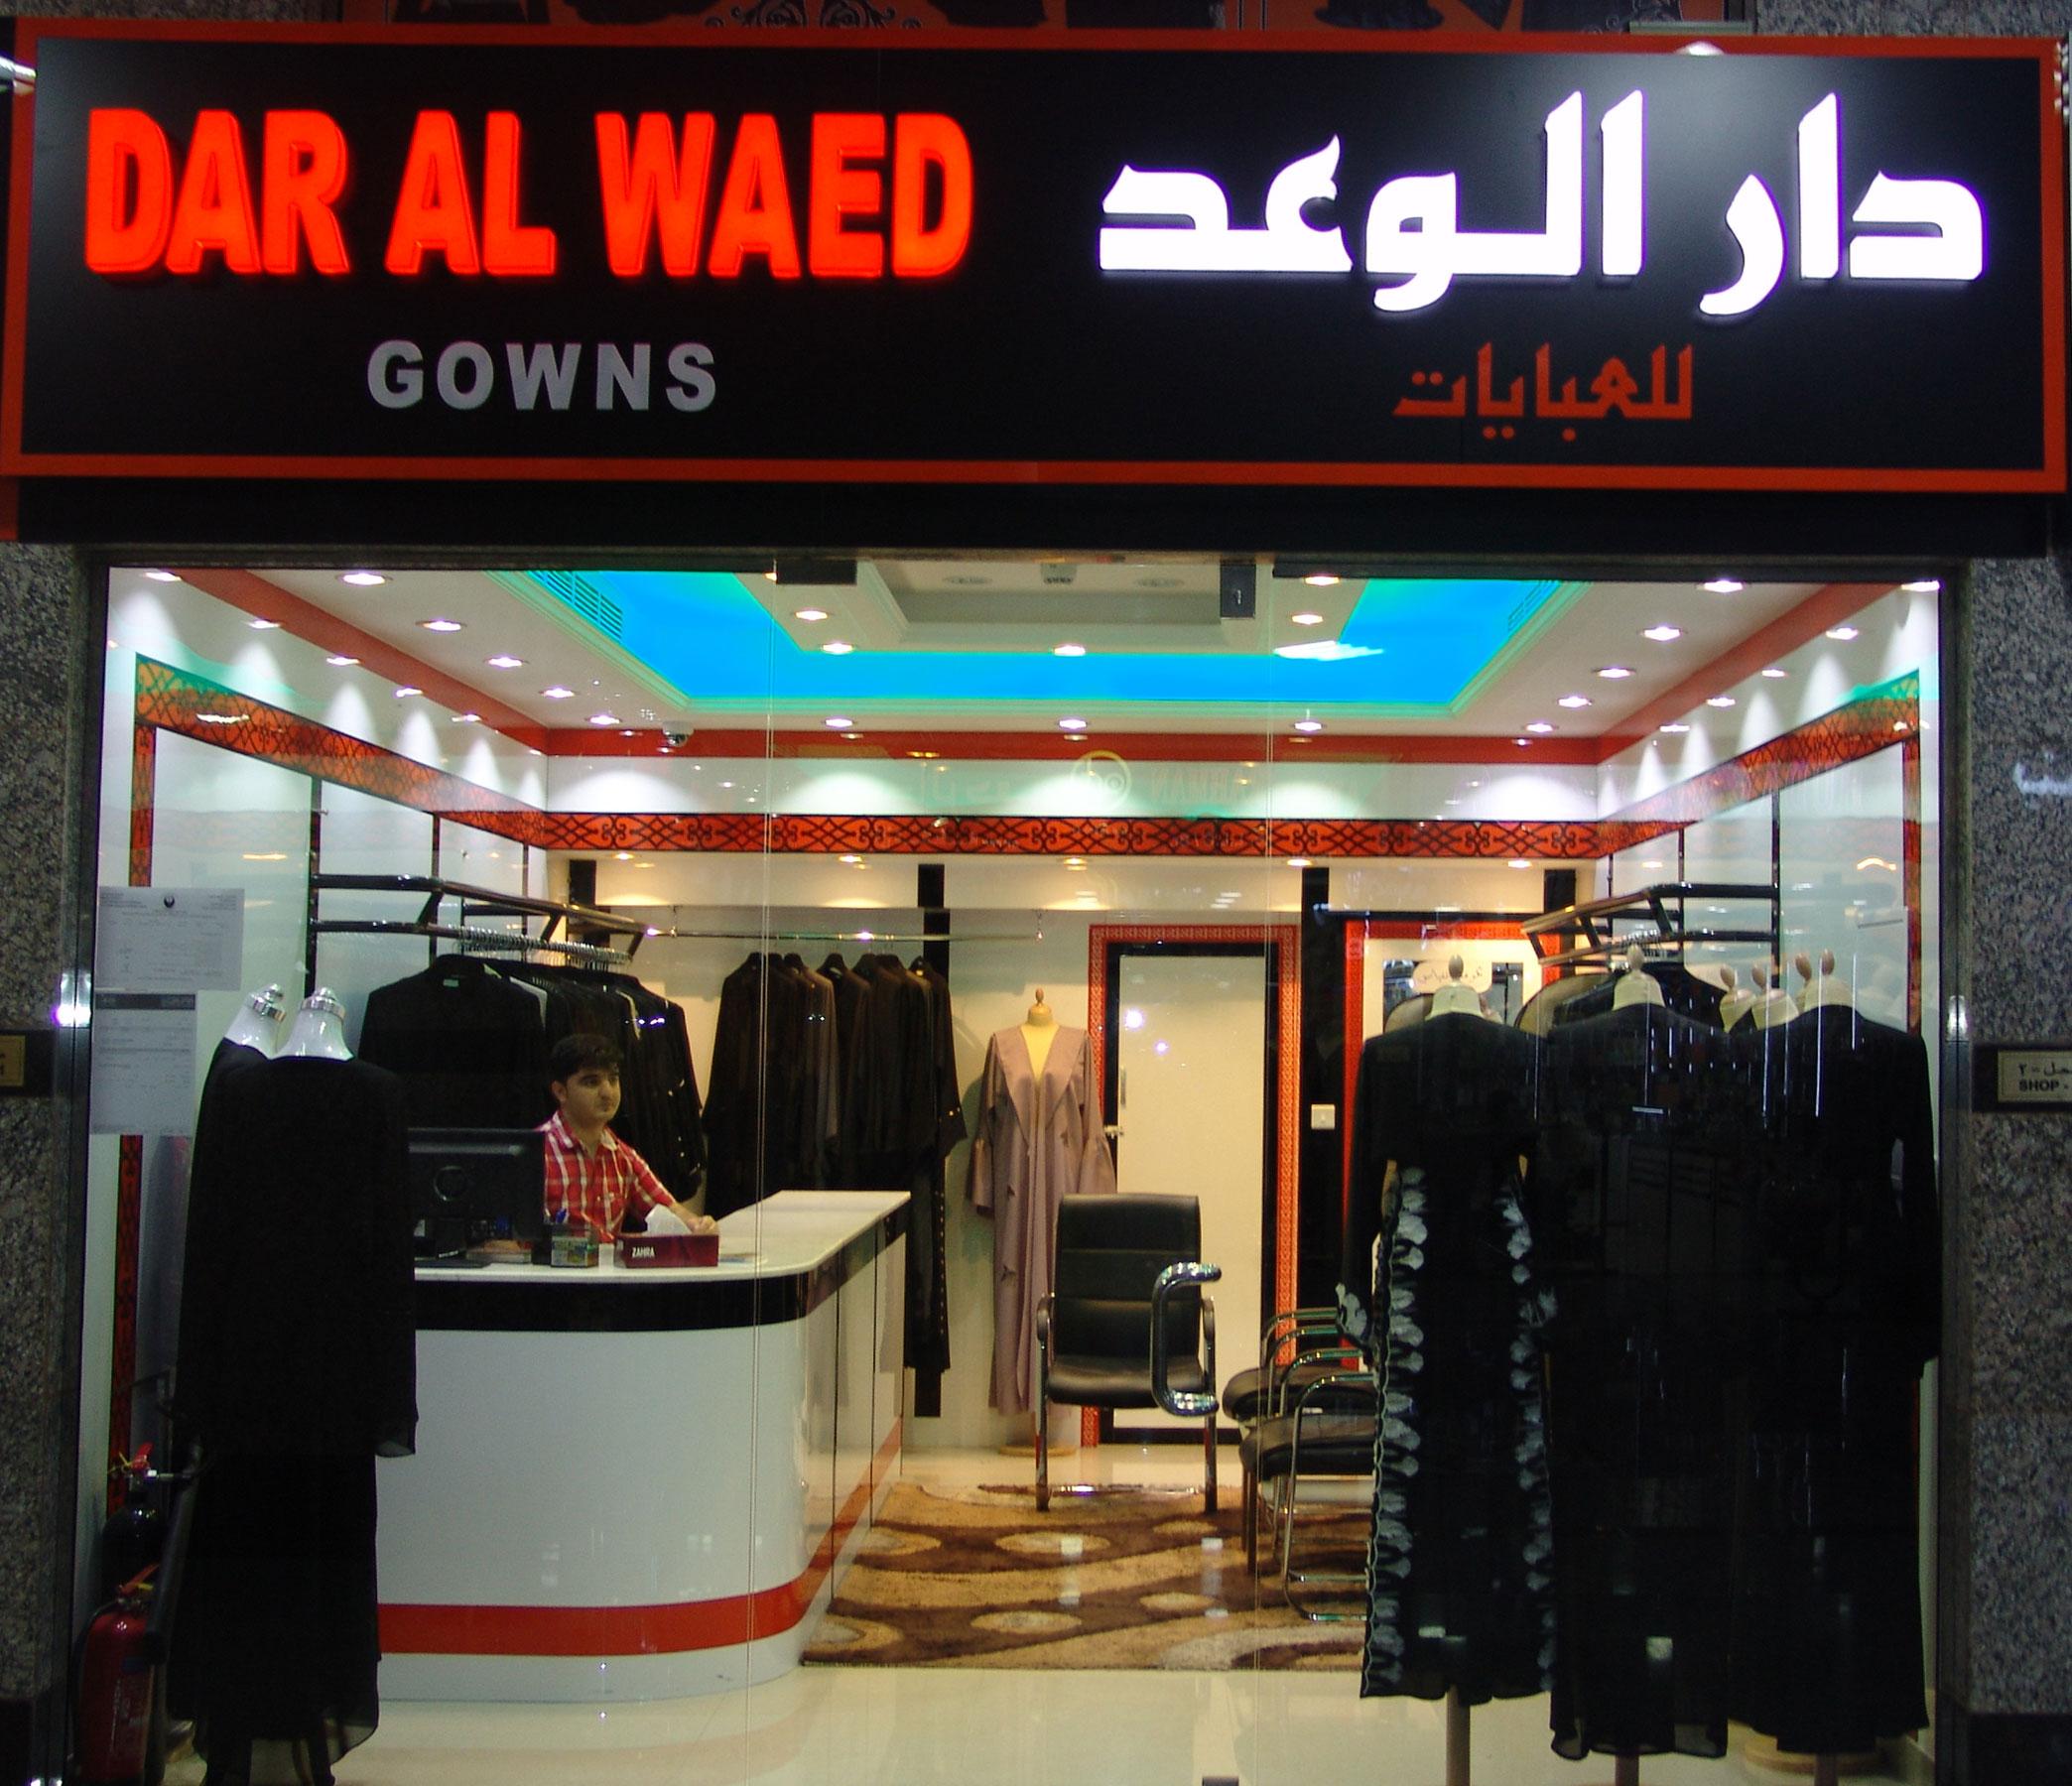 Dar Al Waed Abaya - 1.jpg